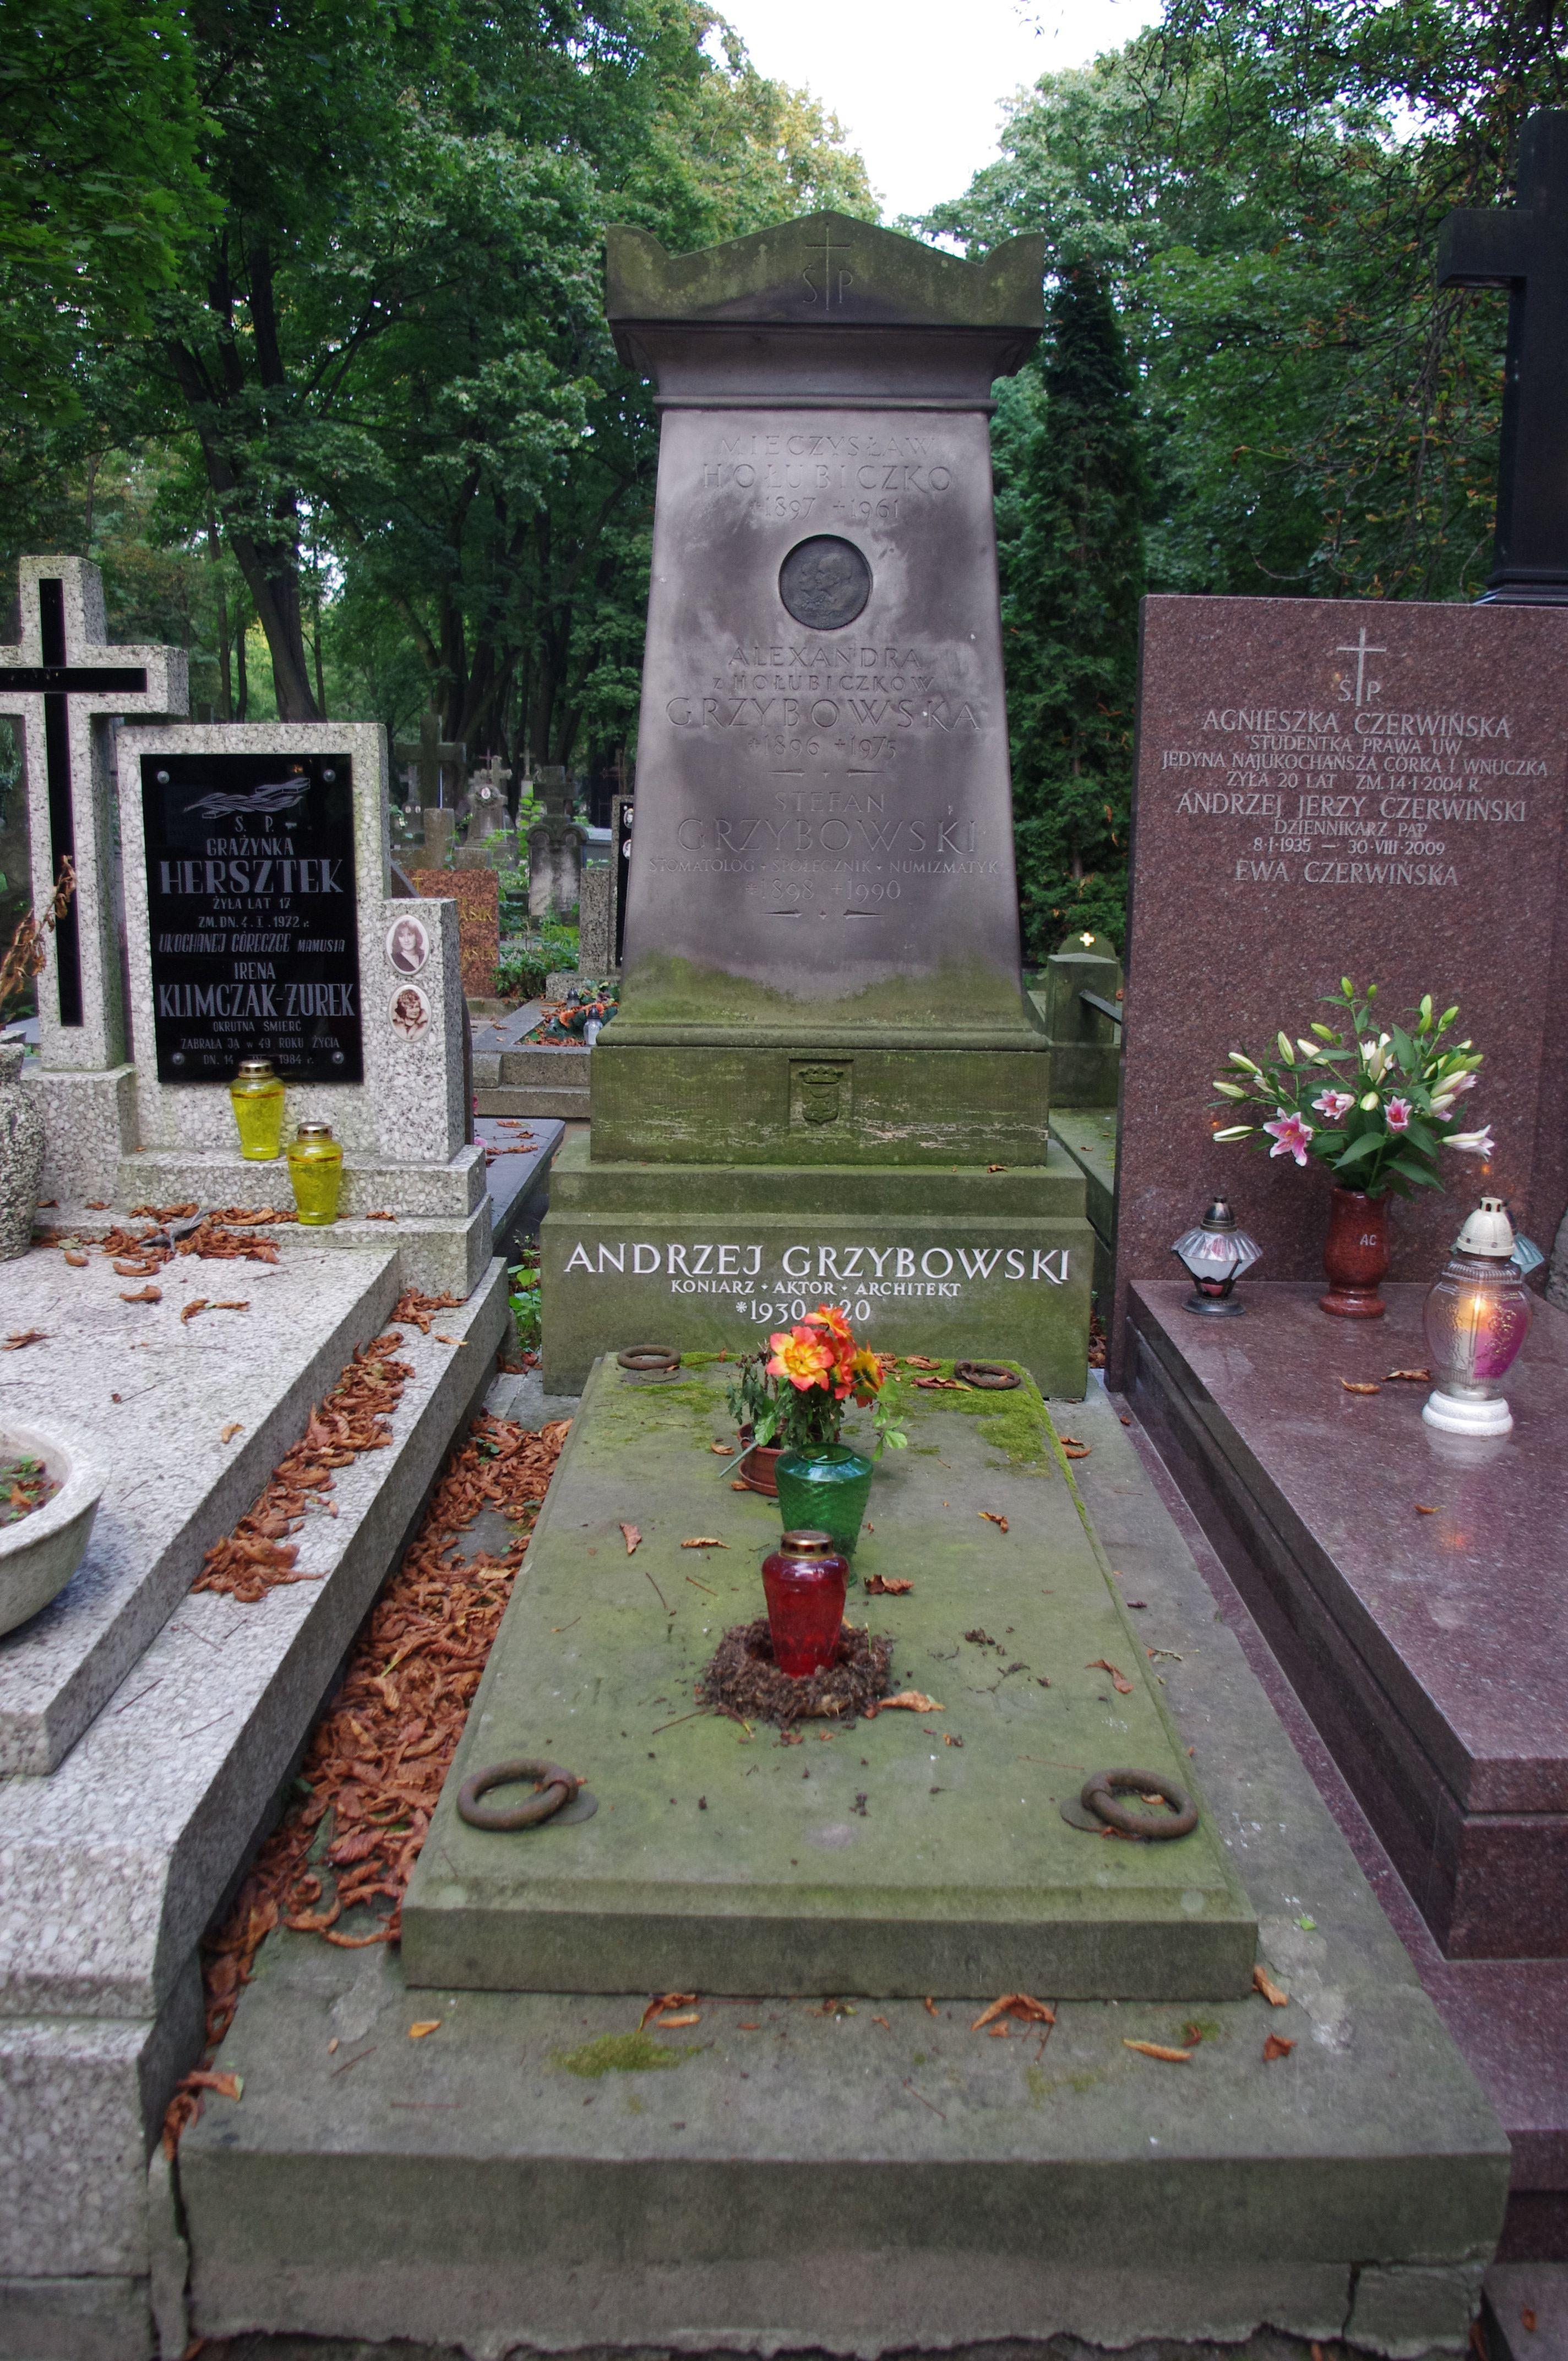 File:Andrzej Grzybowski aktor grób.JPG  Wikimedia Commons